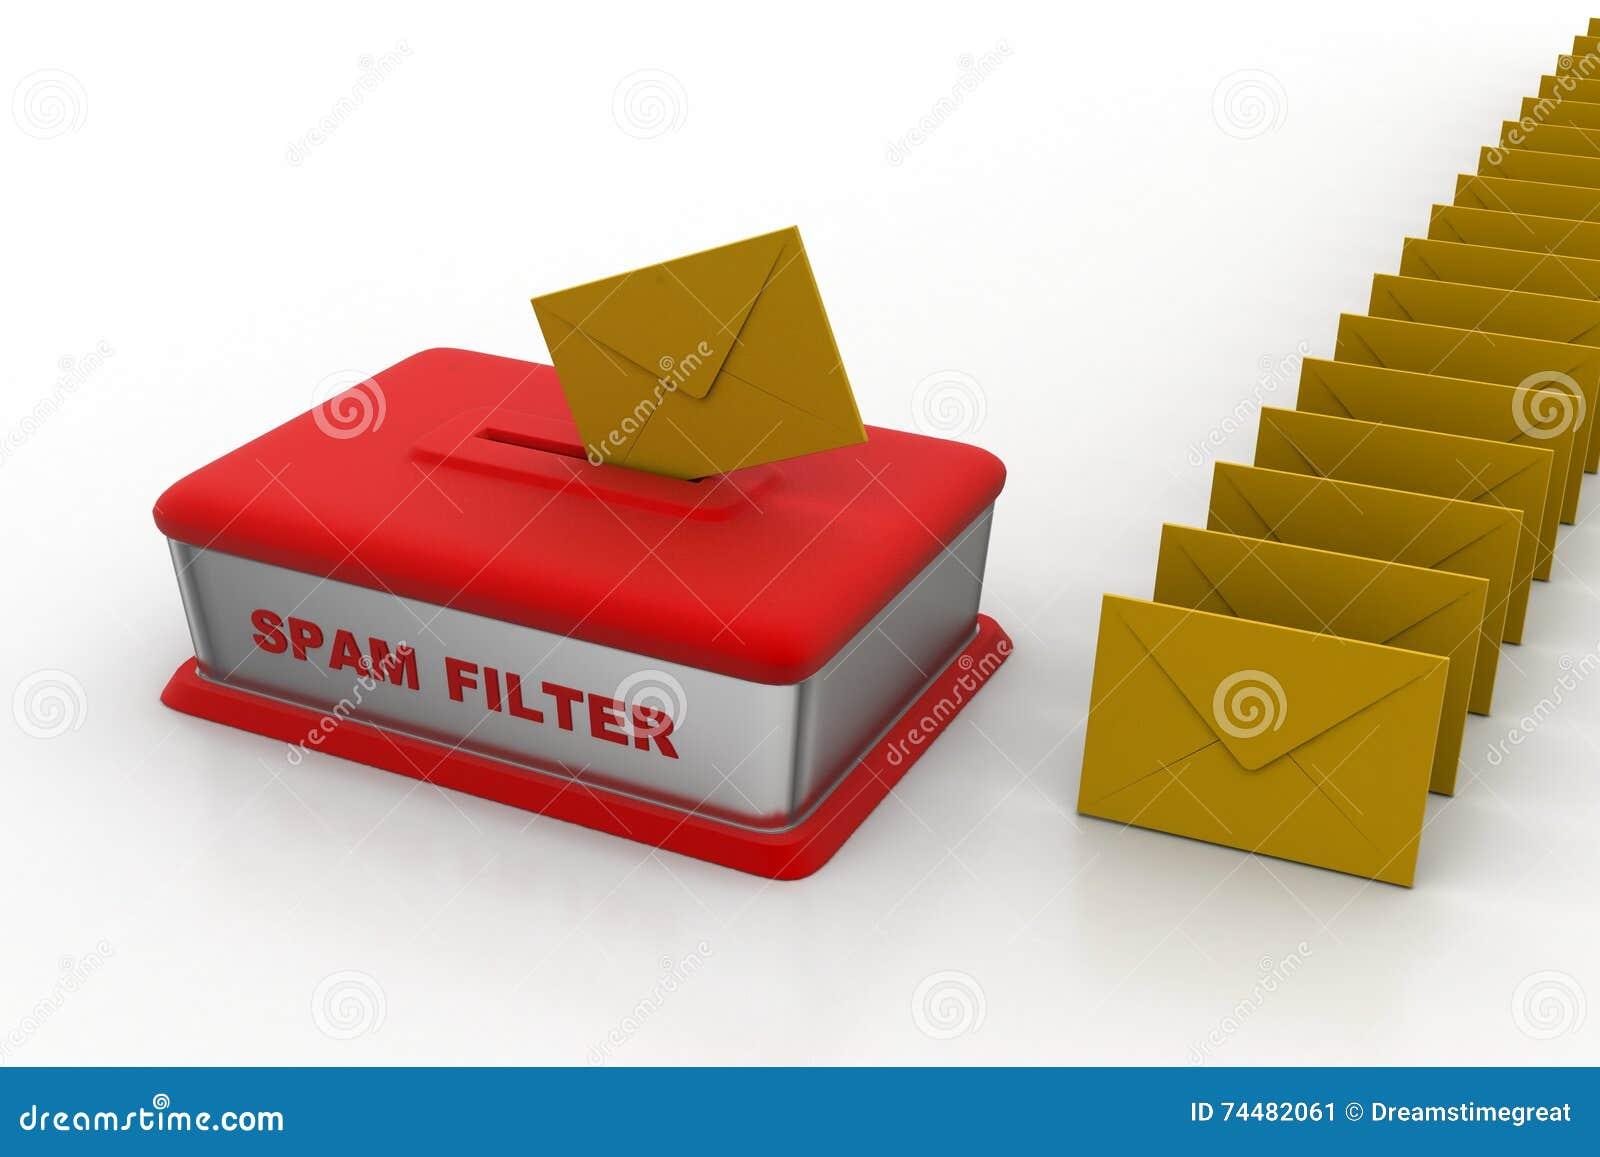 Ηλεκτρονικό ταχυδρομείο μέσω του φίλτρου spam